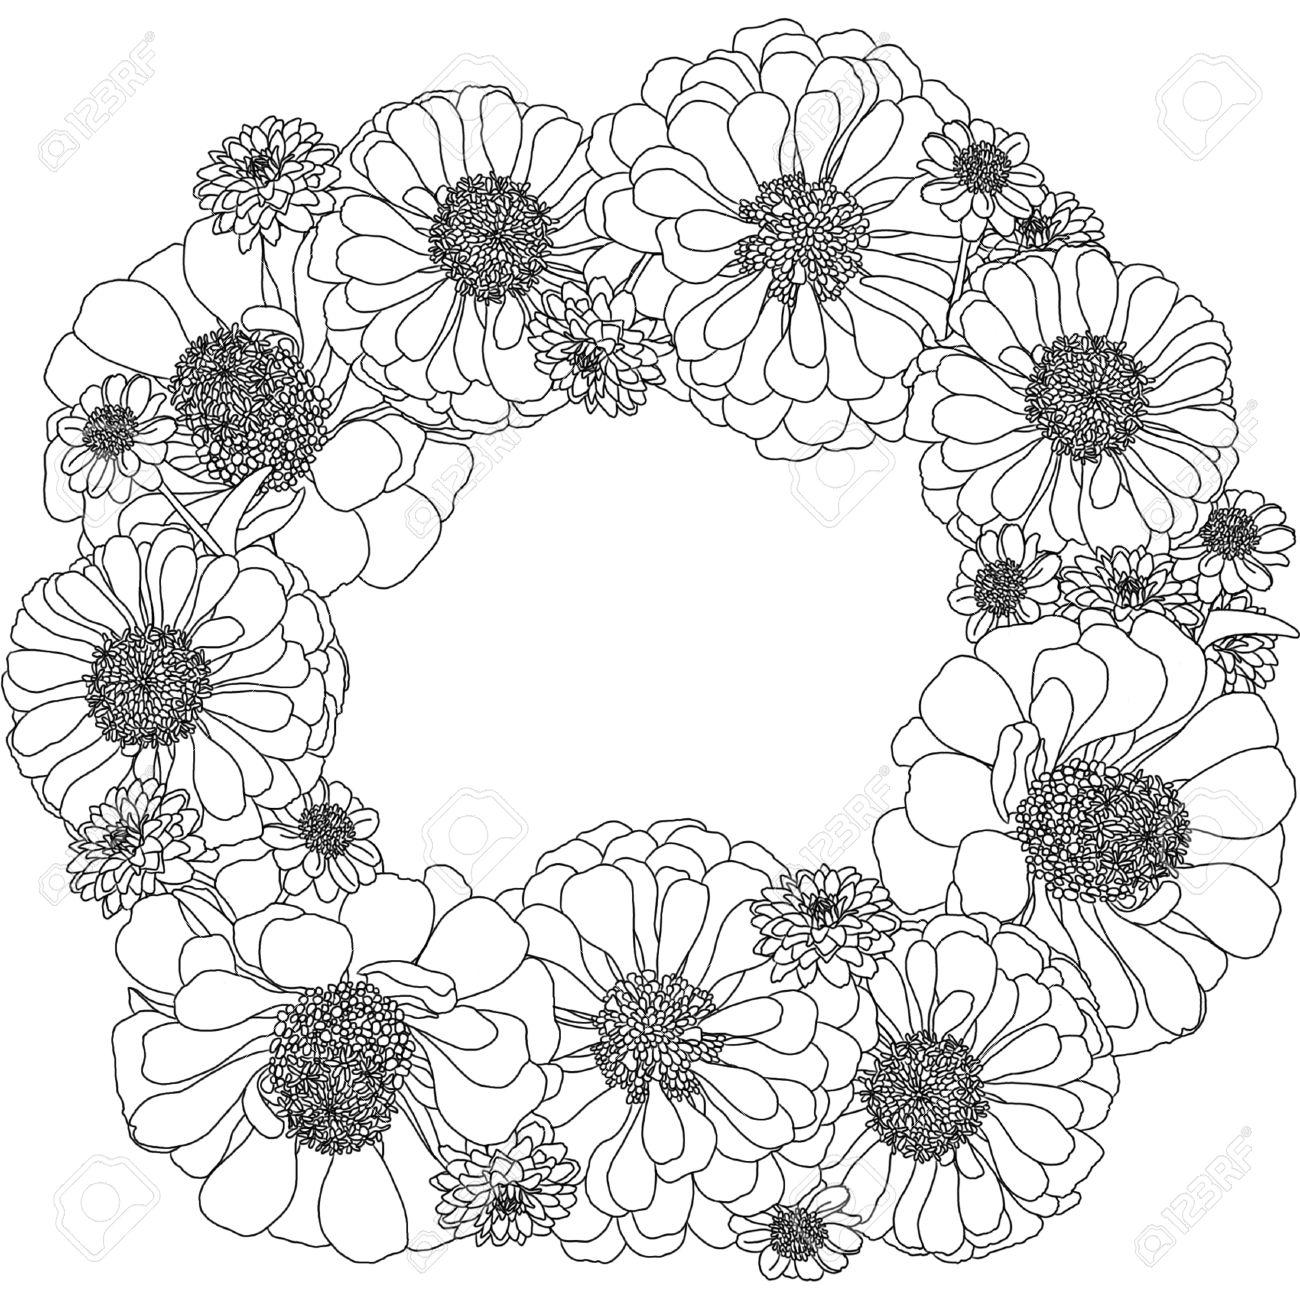 banque dimages dcrire couronne dessin de fleurs